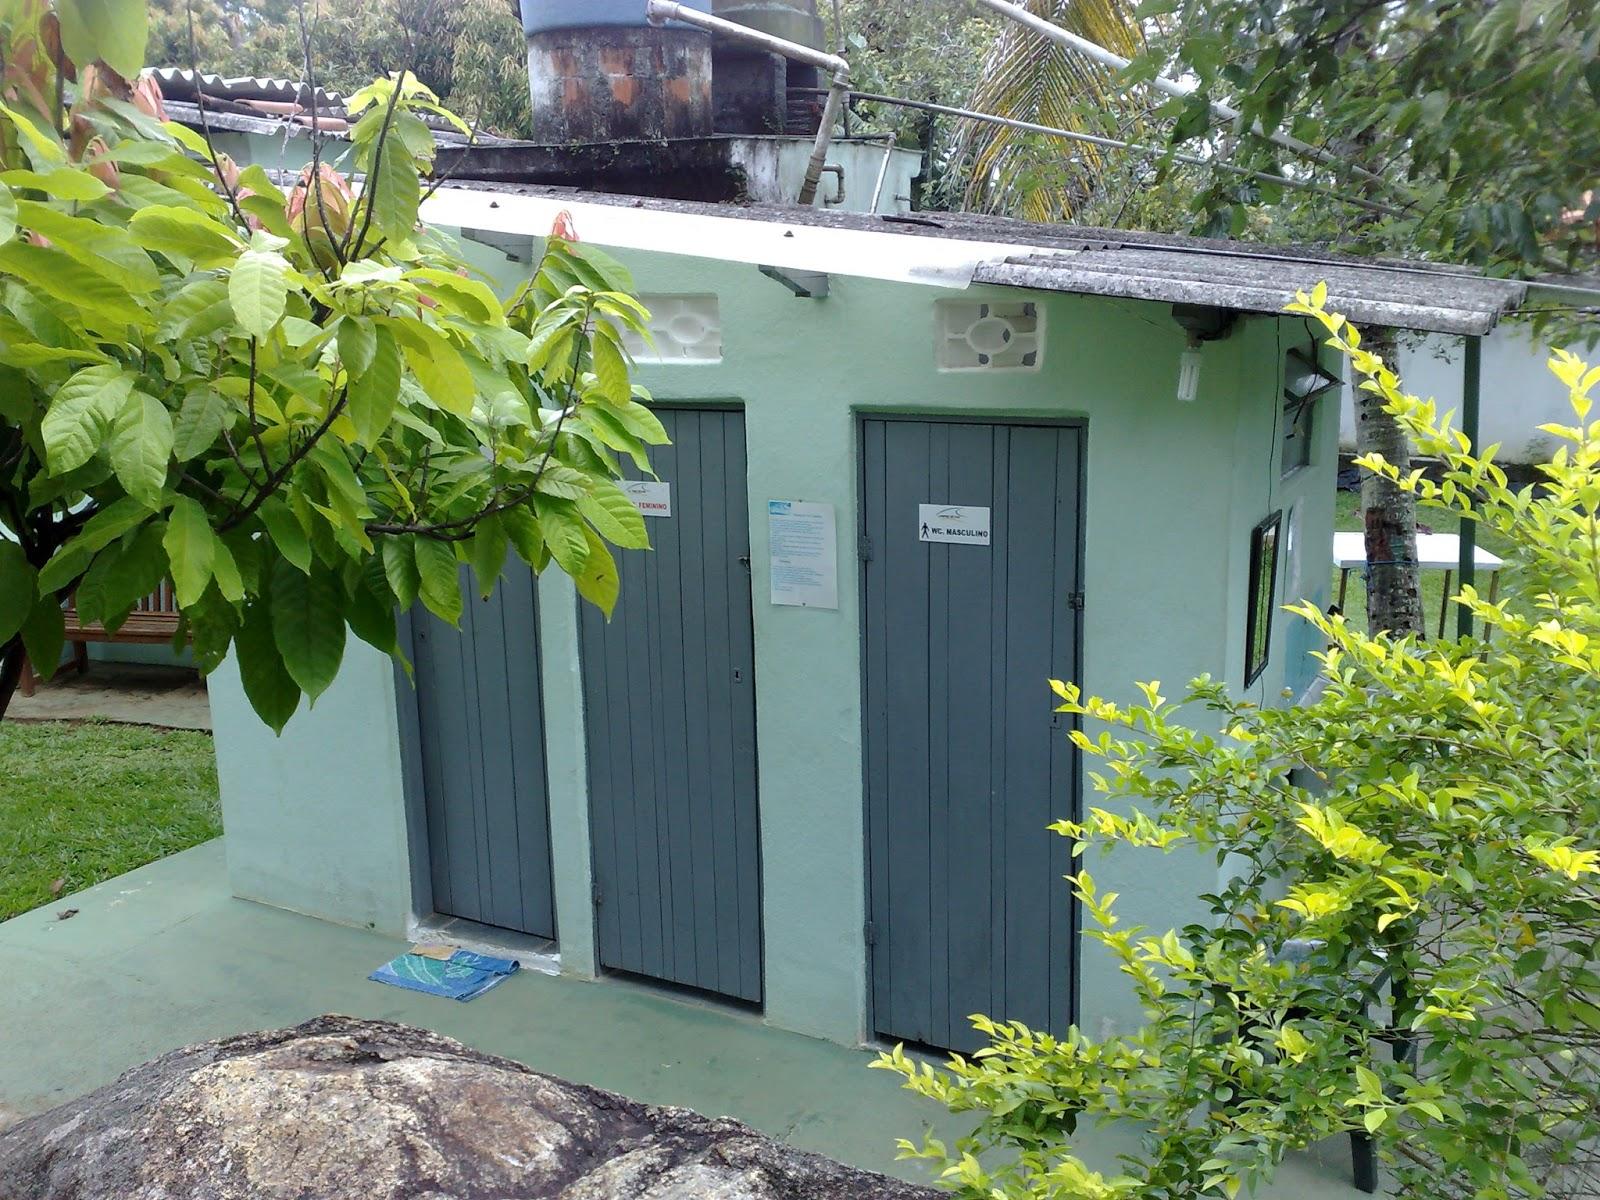 Borboleta Azul: Ilhabela Camping do Veloso #849437 1600x1200 Banheiro Azul Banda